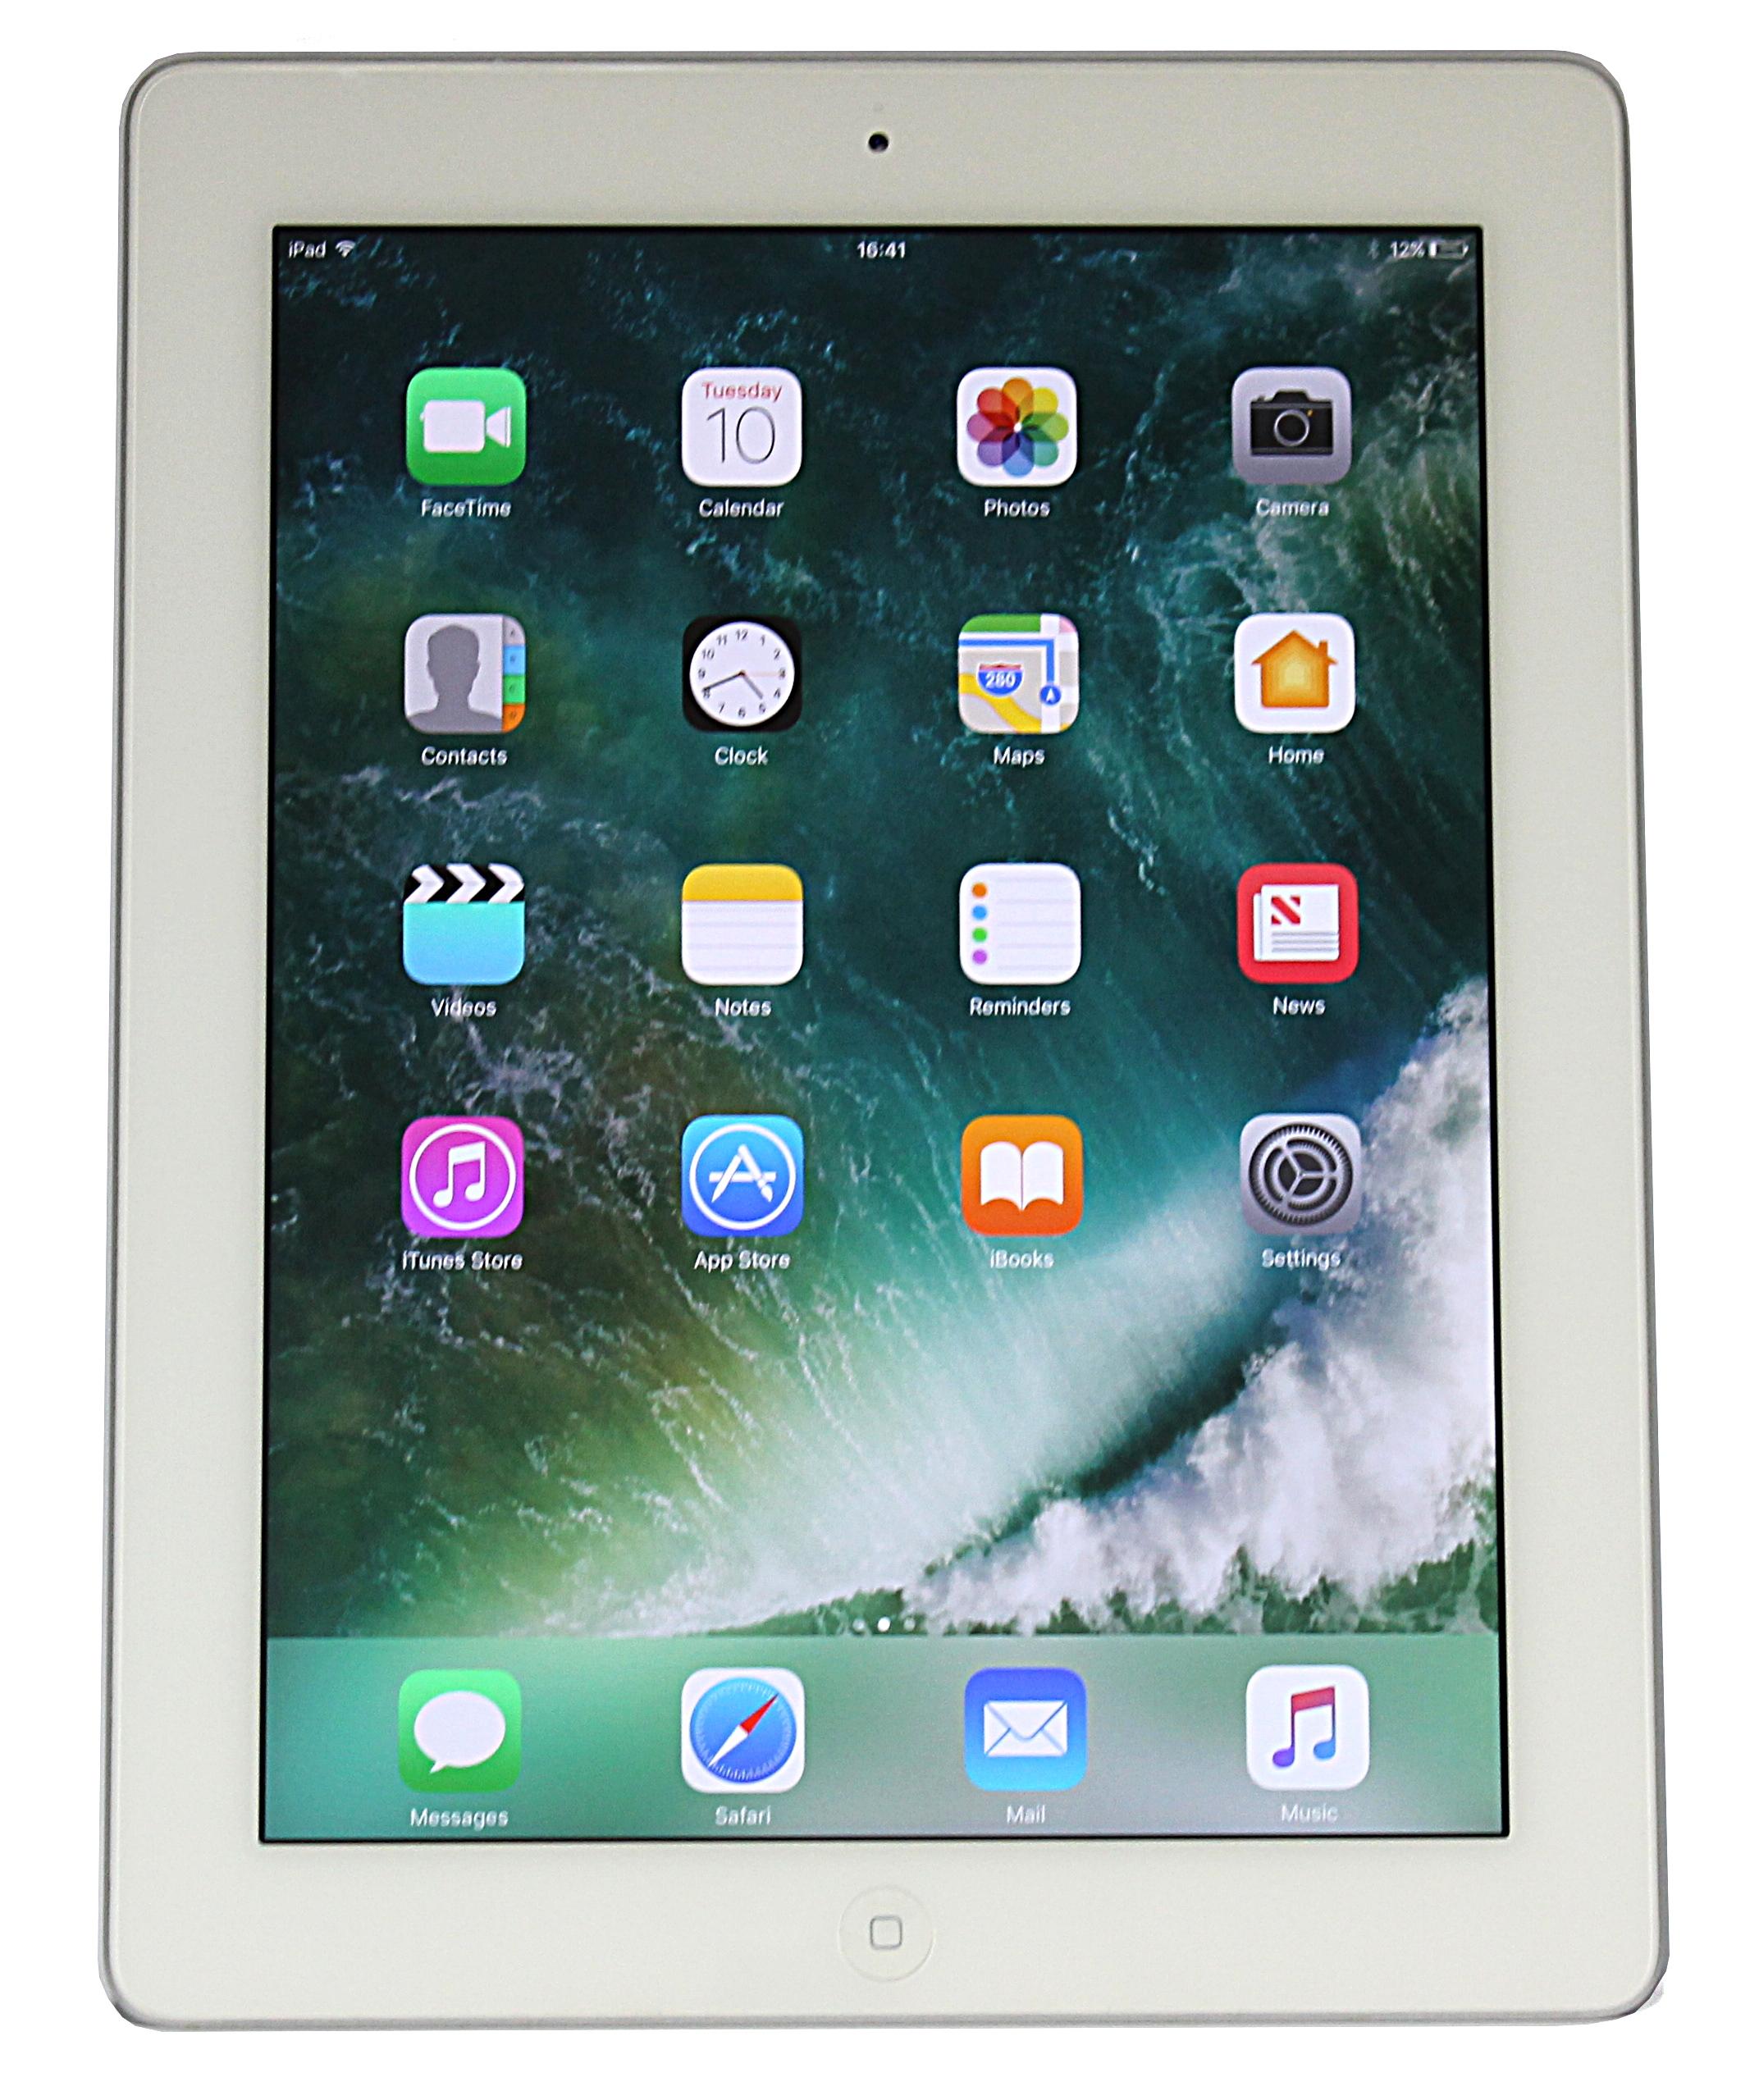 White / Refurbished//Apple iPad 4 A1458 - 16GB / WiFi ...